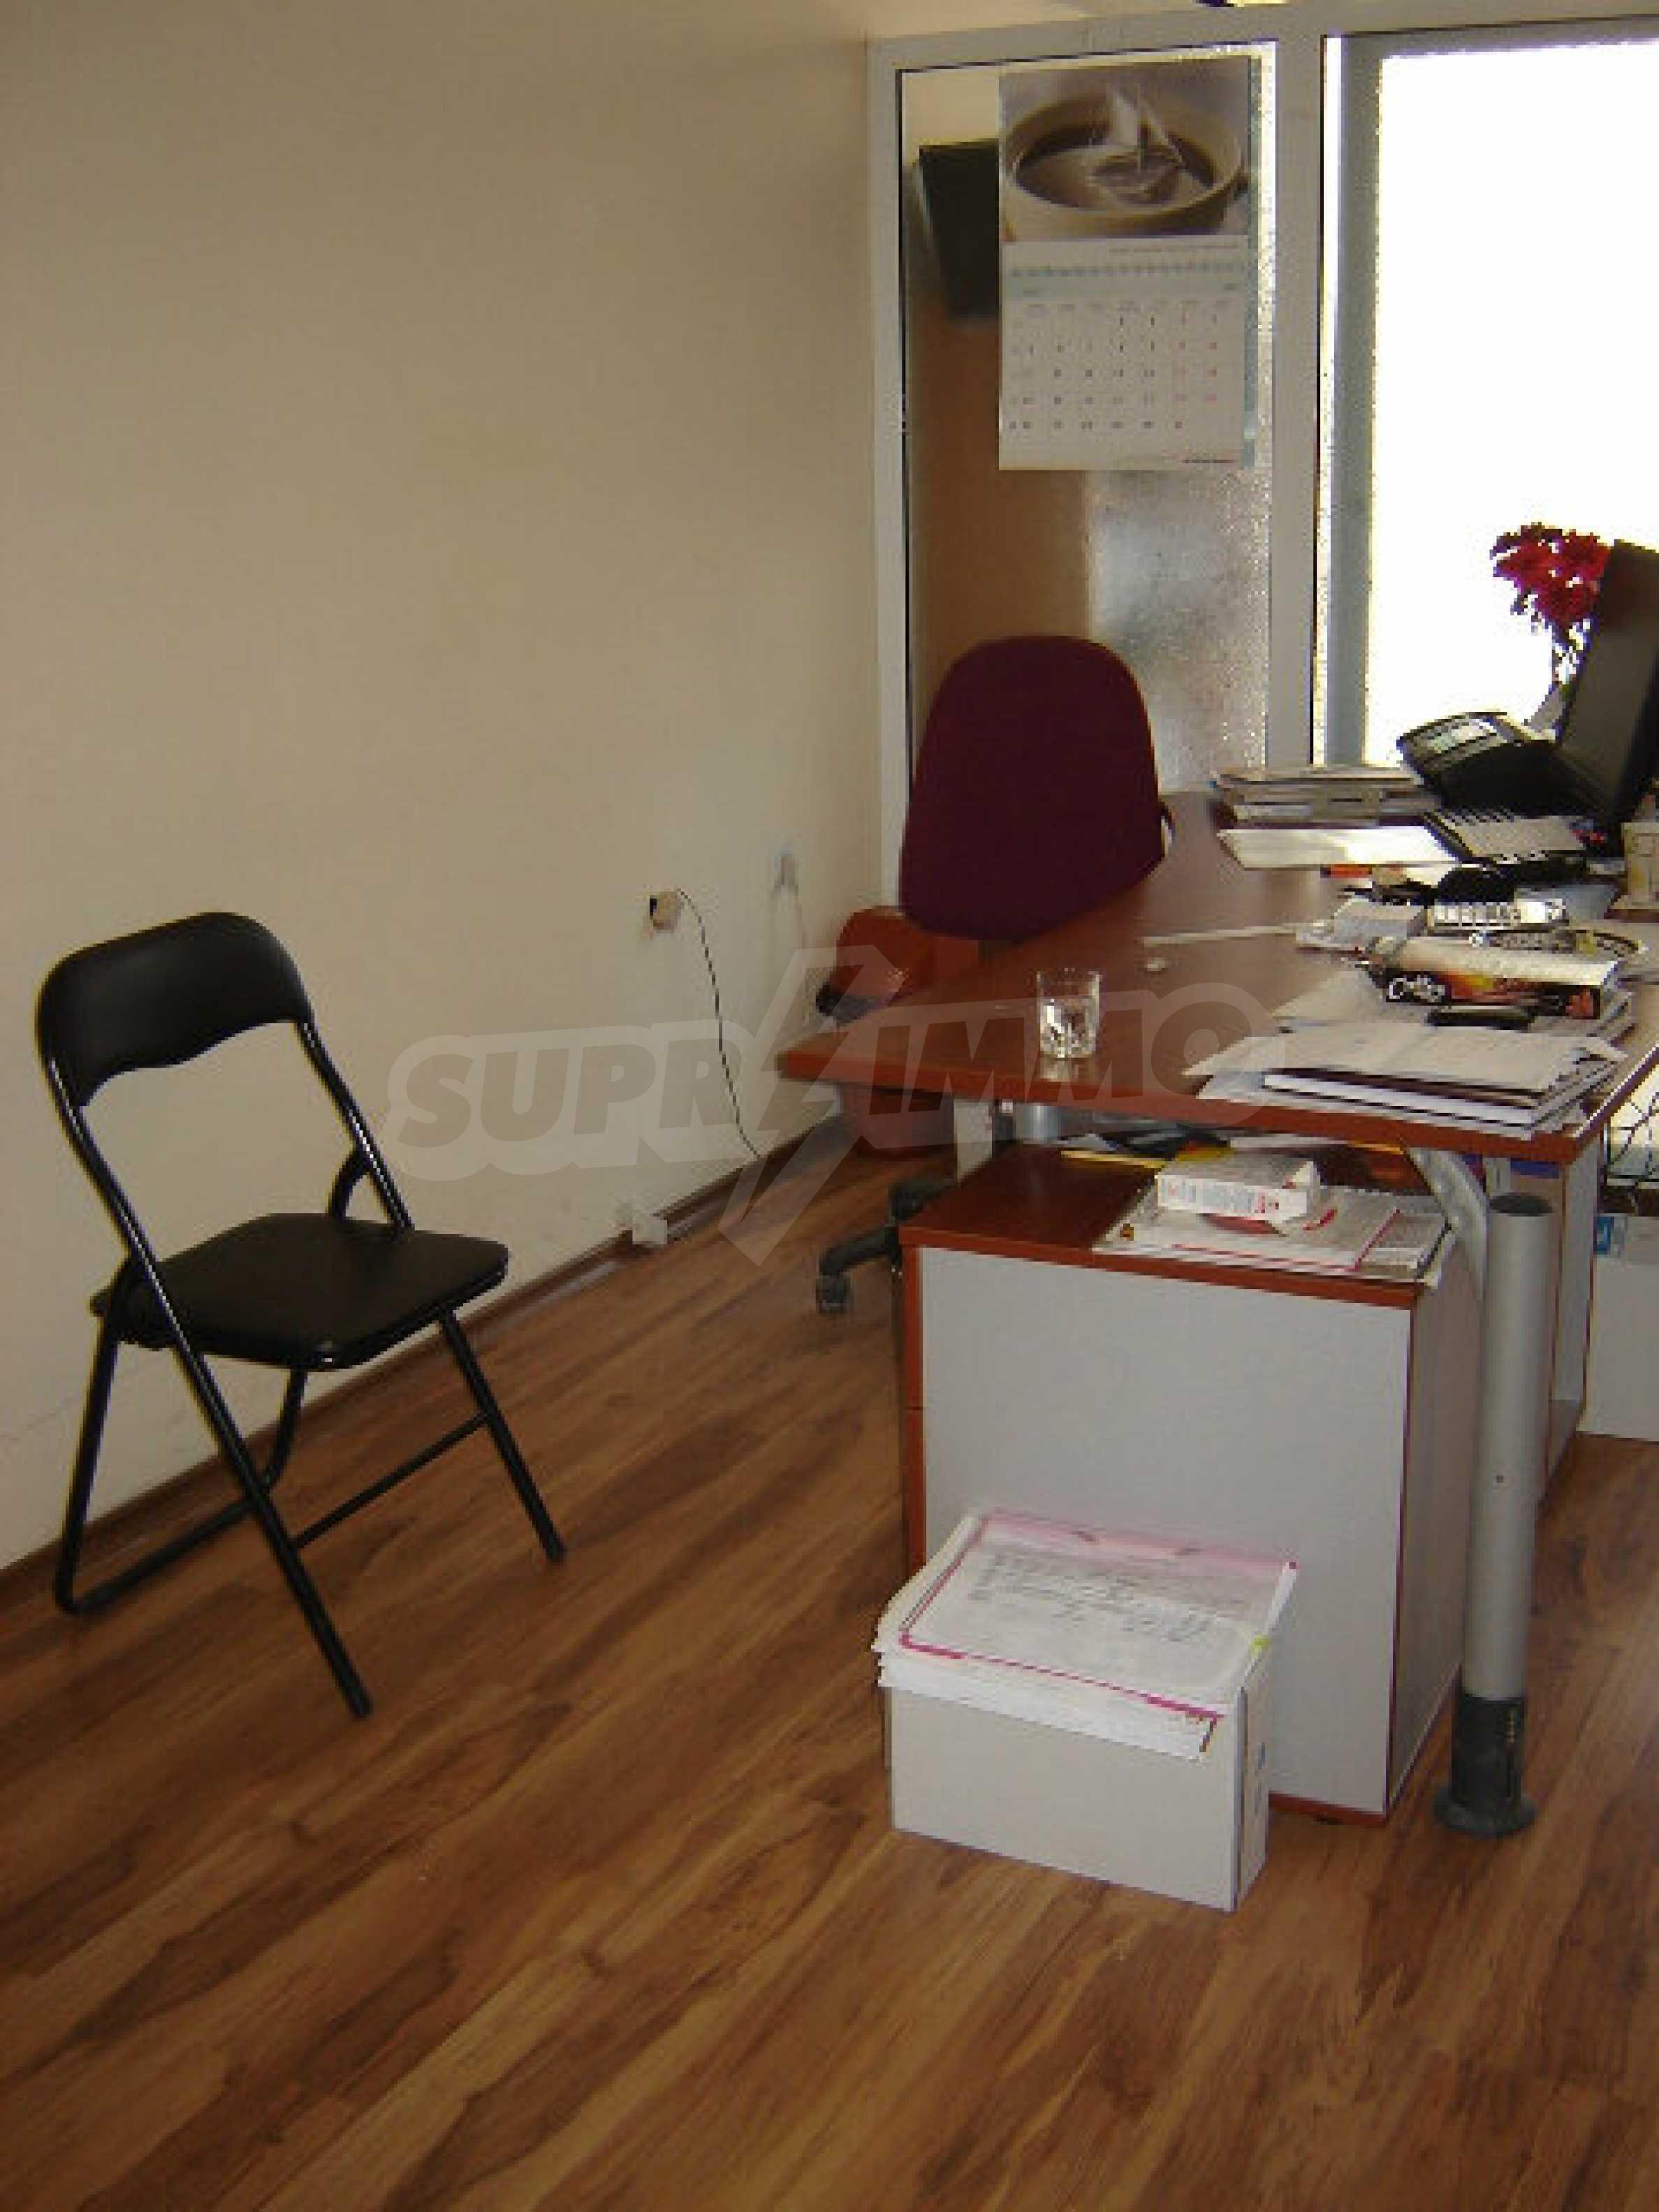 Geräumiges Büro in einem Luxusgebäude am Meer 18